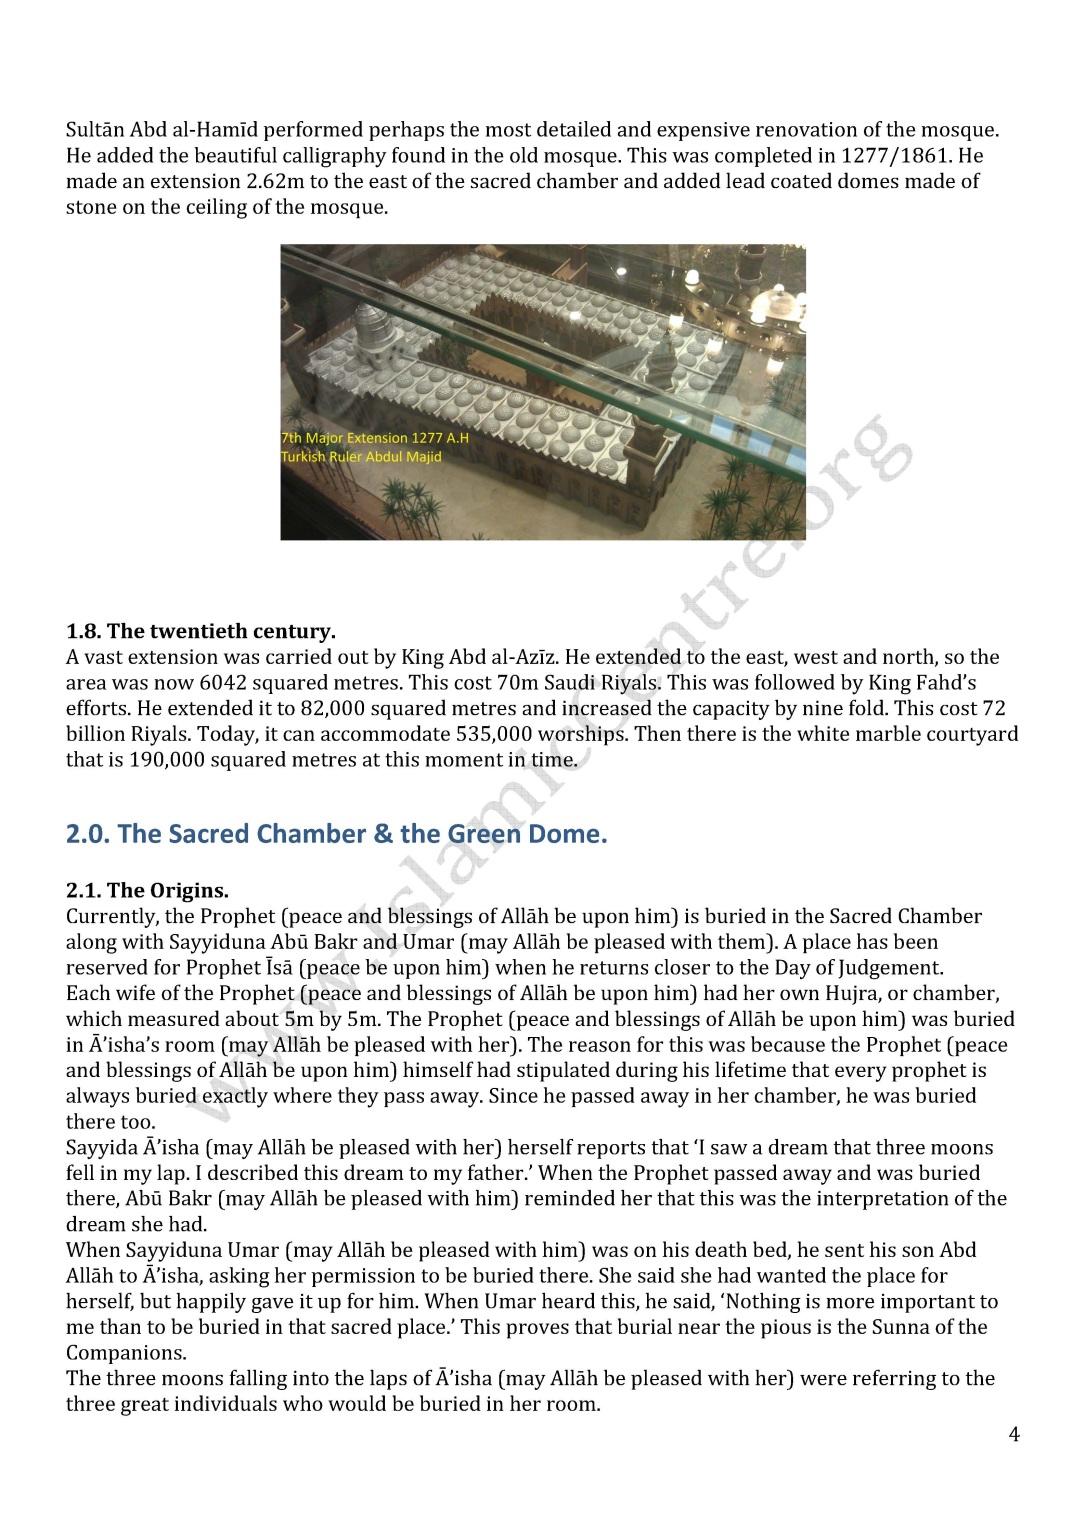 HistoryofMasjidNabawi_Page_04